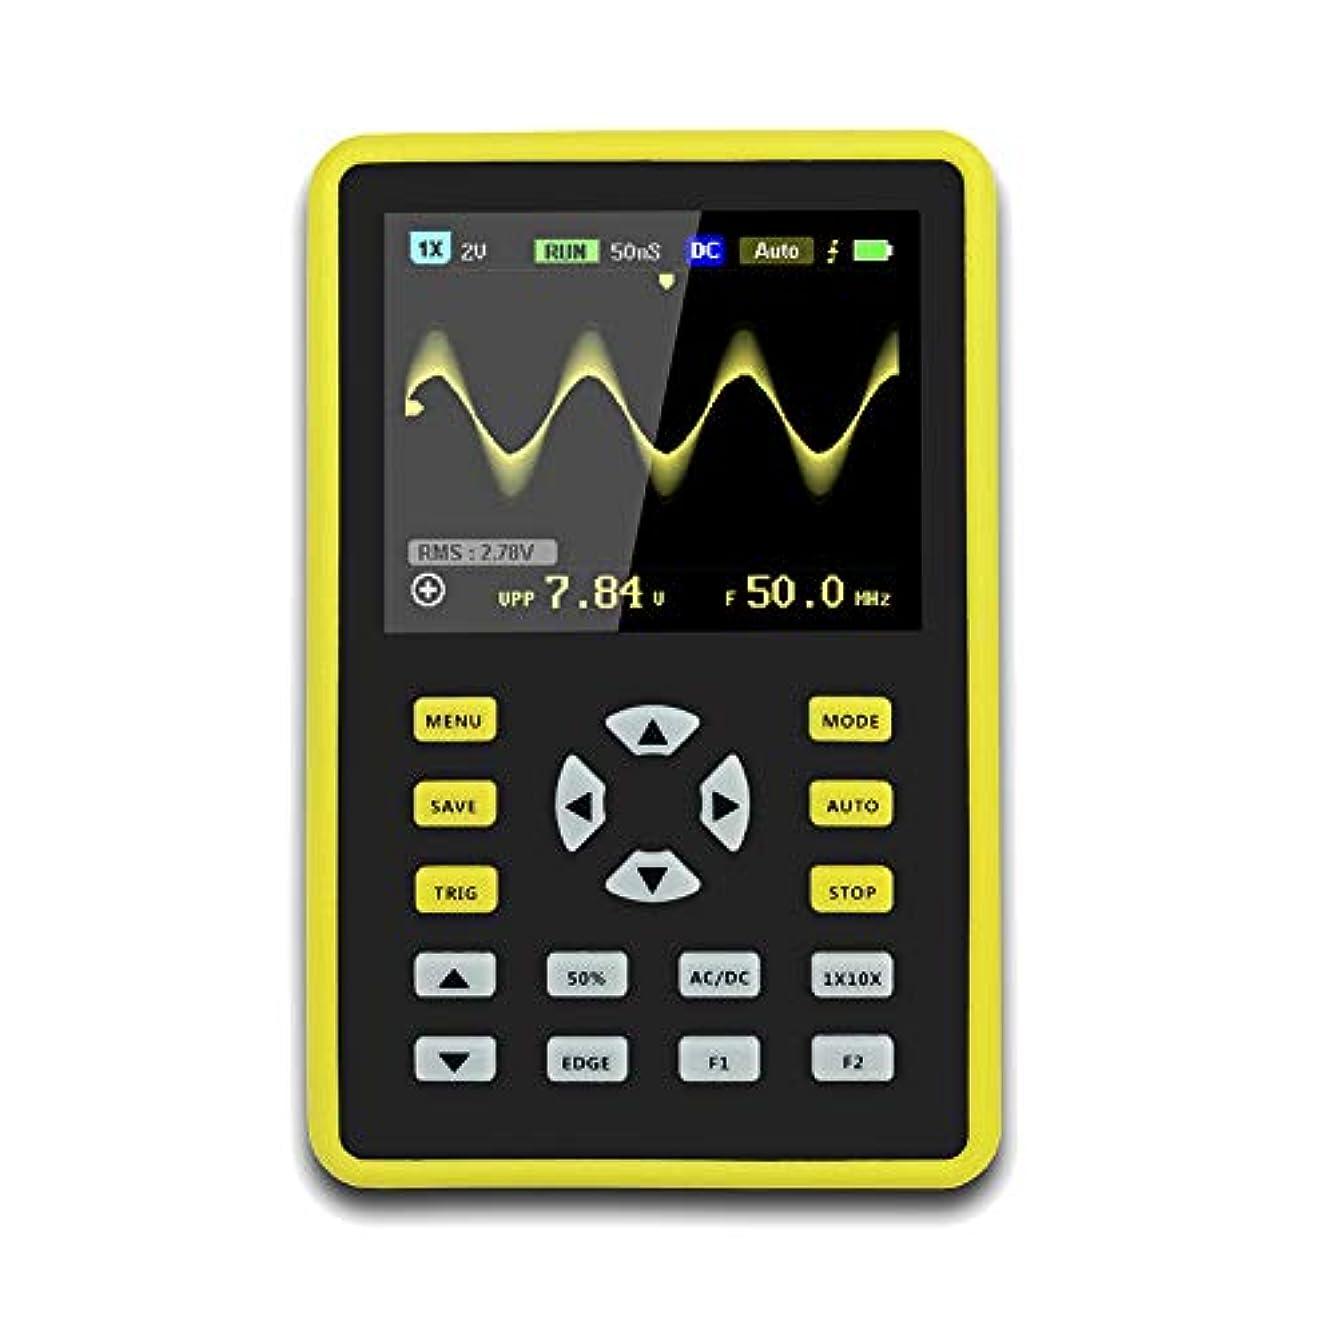 時制息を切らしてブレーキXlp  手持ち型デジタル小型オシロスコープ2.4インチ500 MS/s IPS LCD表示スクリーンの携帯用